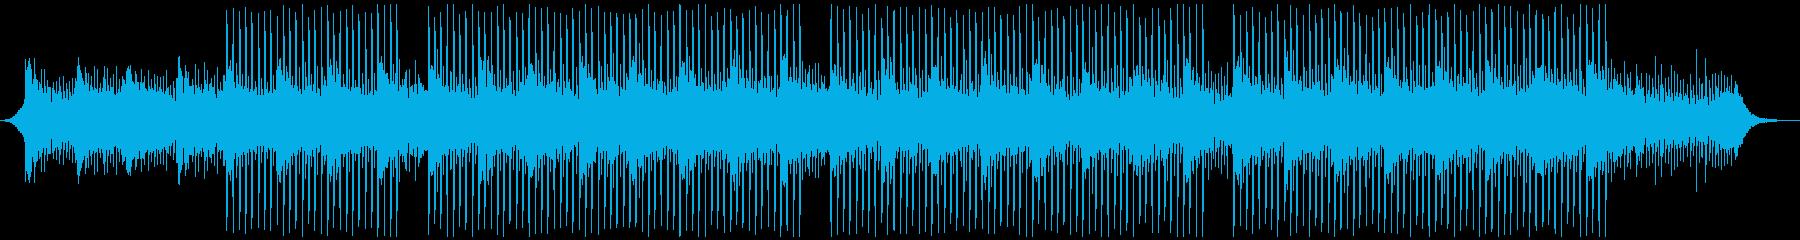 プレゼンテーション音楽の再生済みの波形